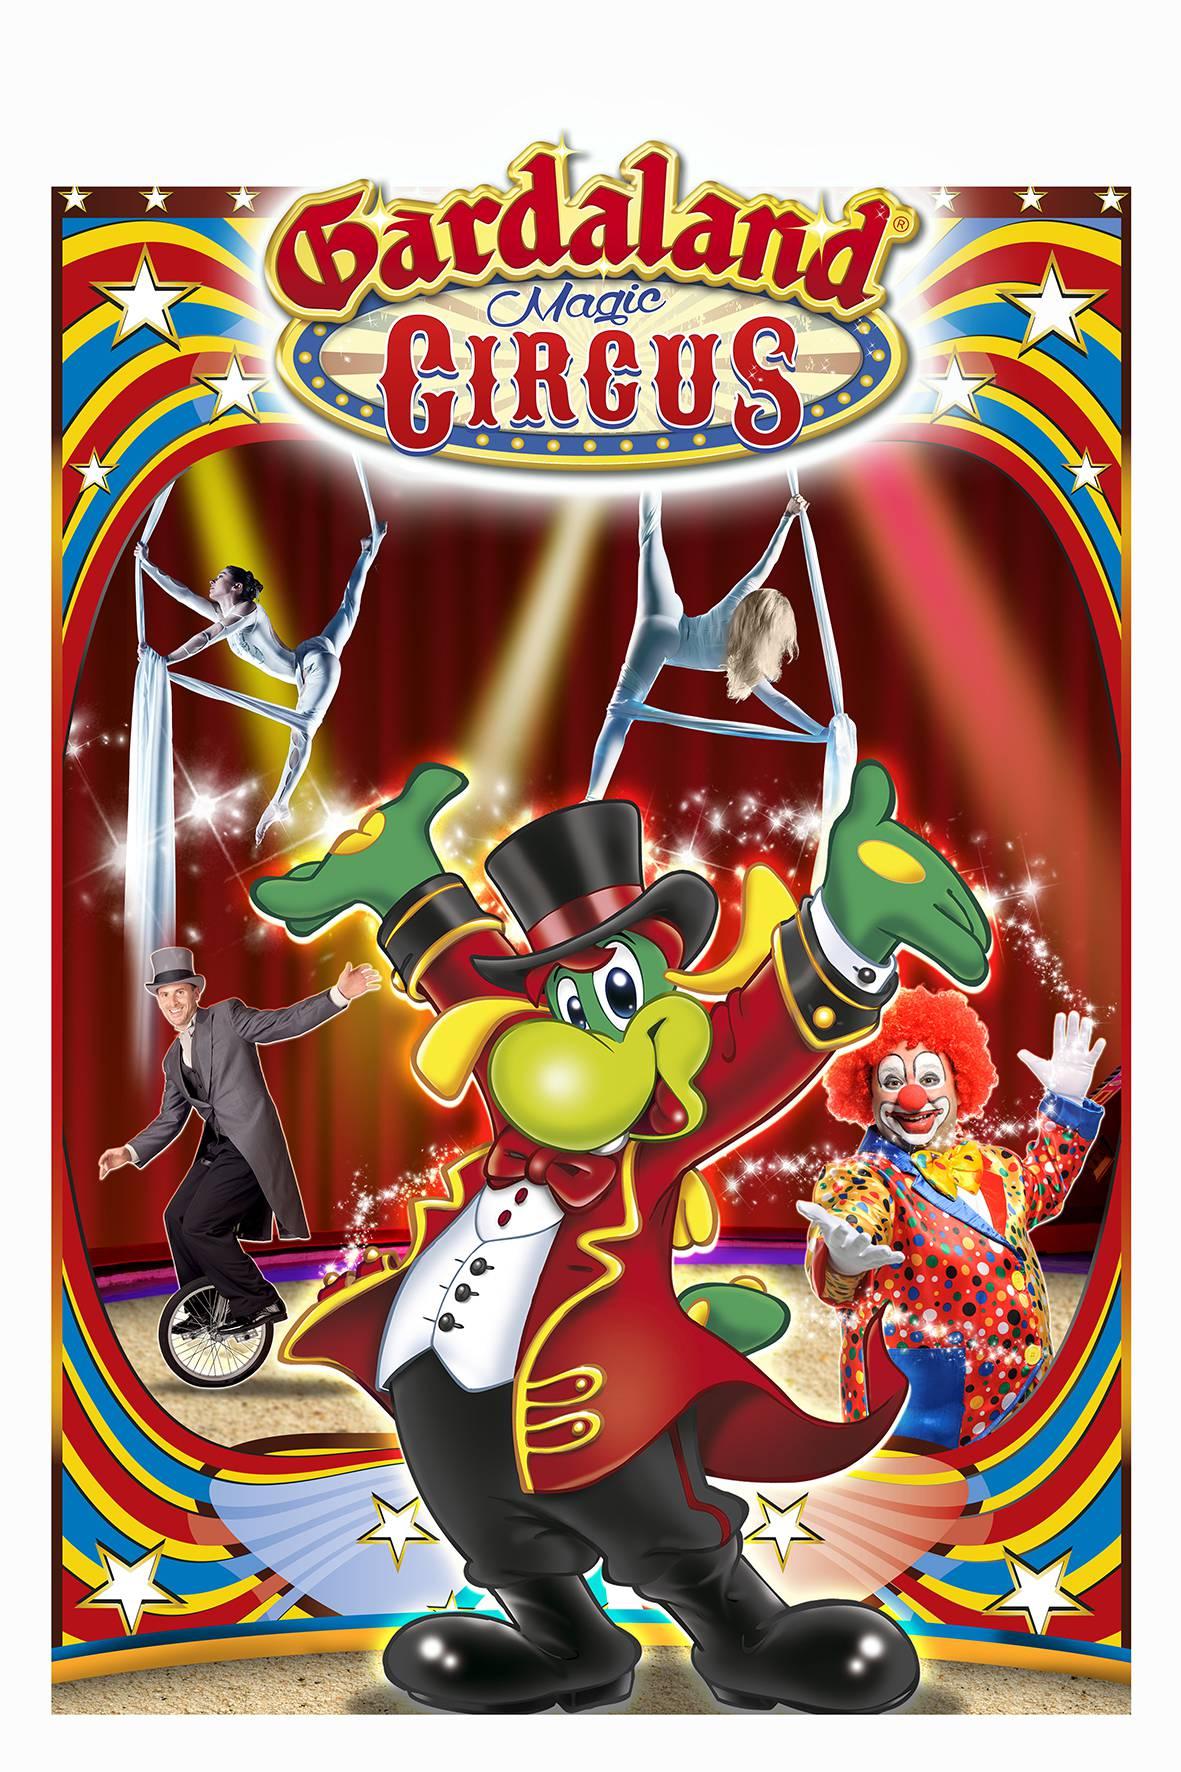 Gardaland Magic Circus